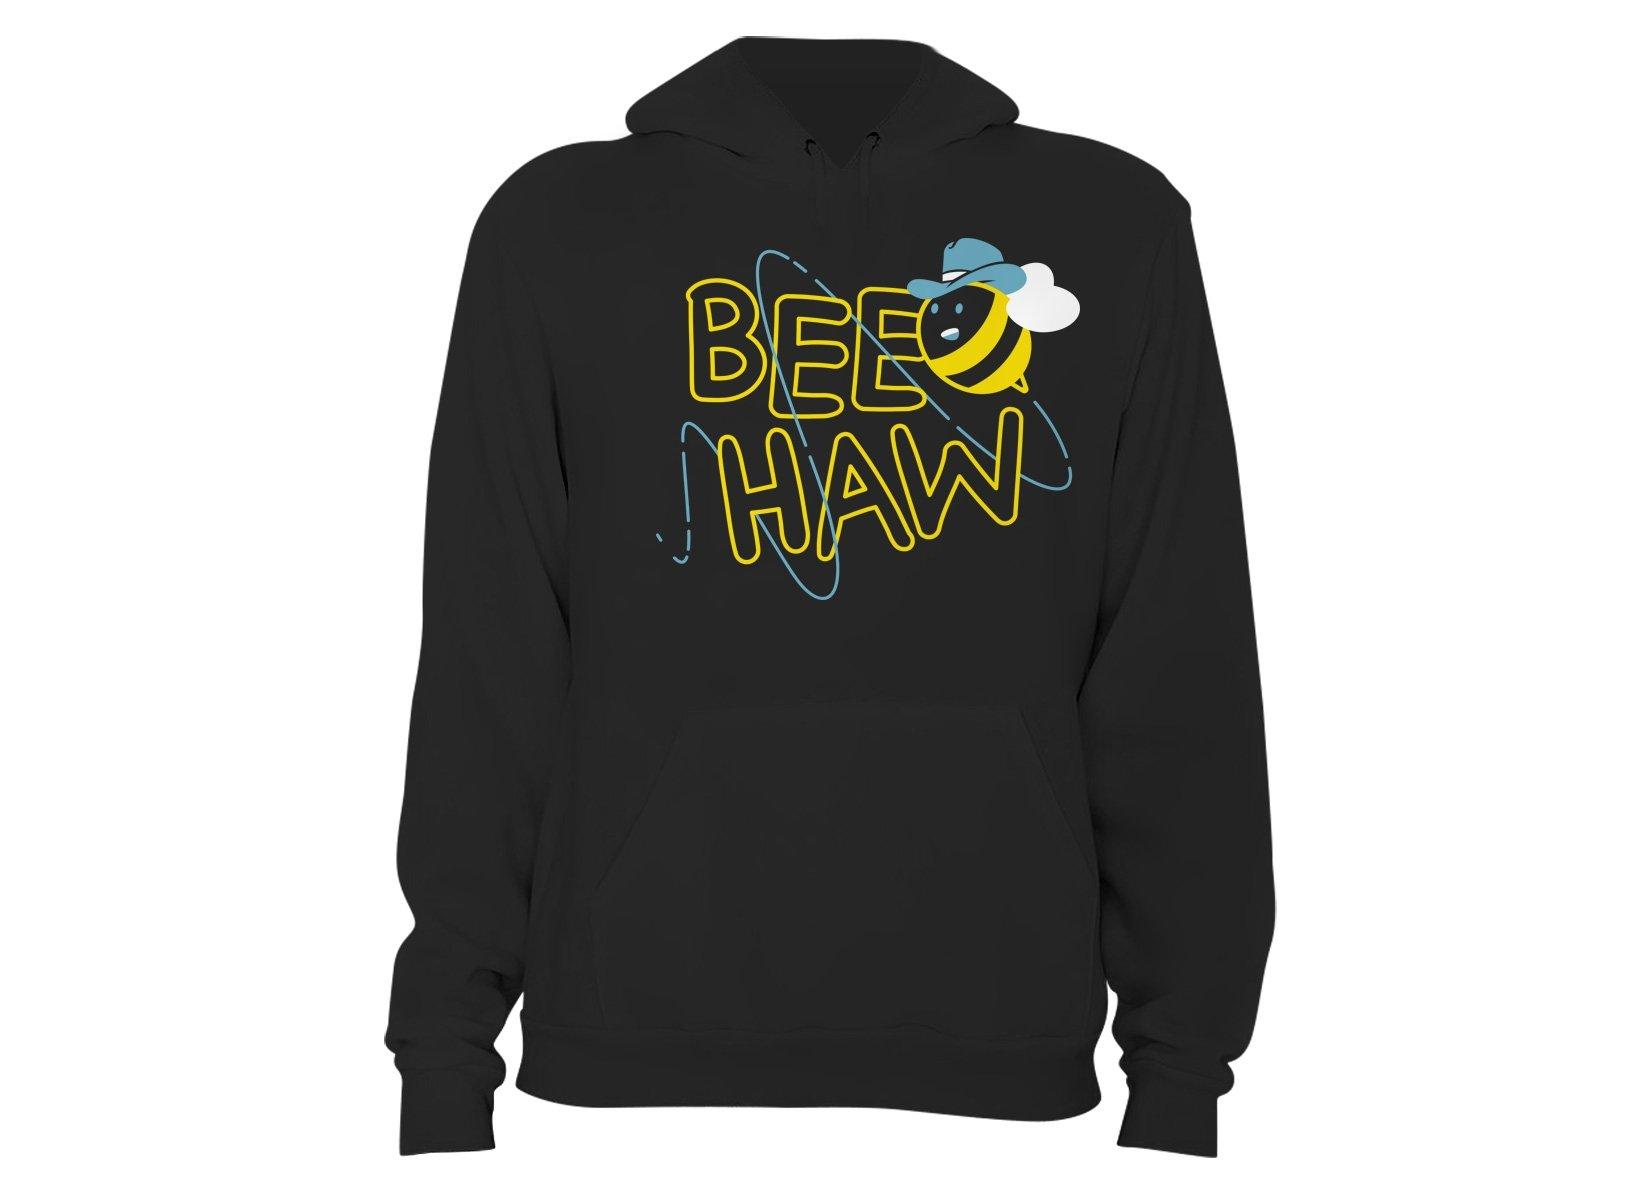 Bee Haw on Hoodie